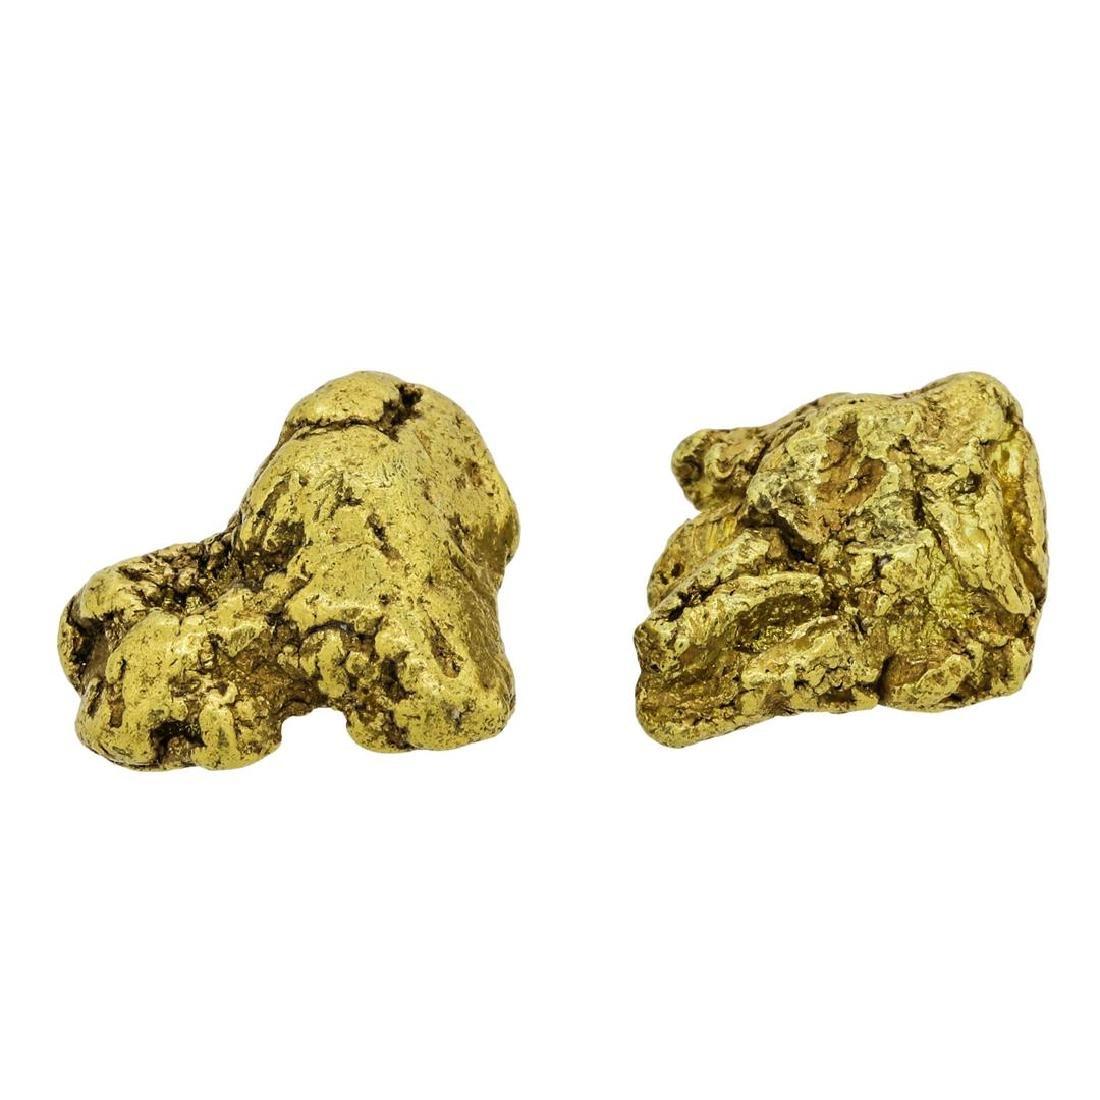 Lot of (2) Alaskan Gold Nuggets 10.45 Grams - 2